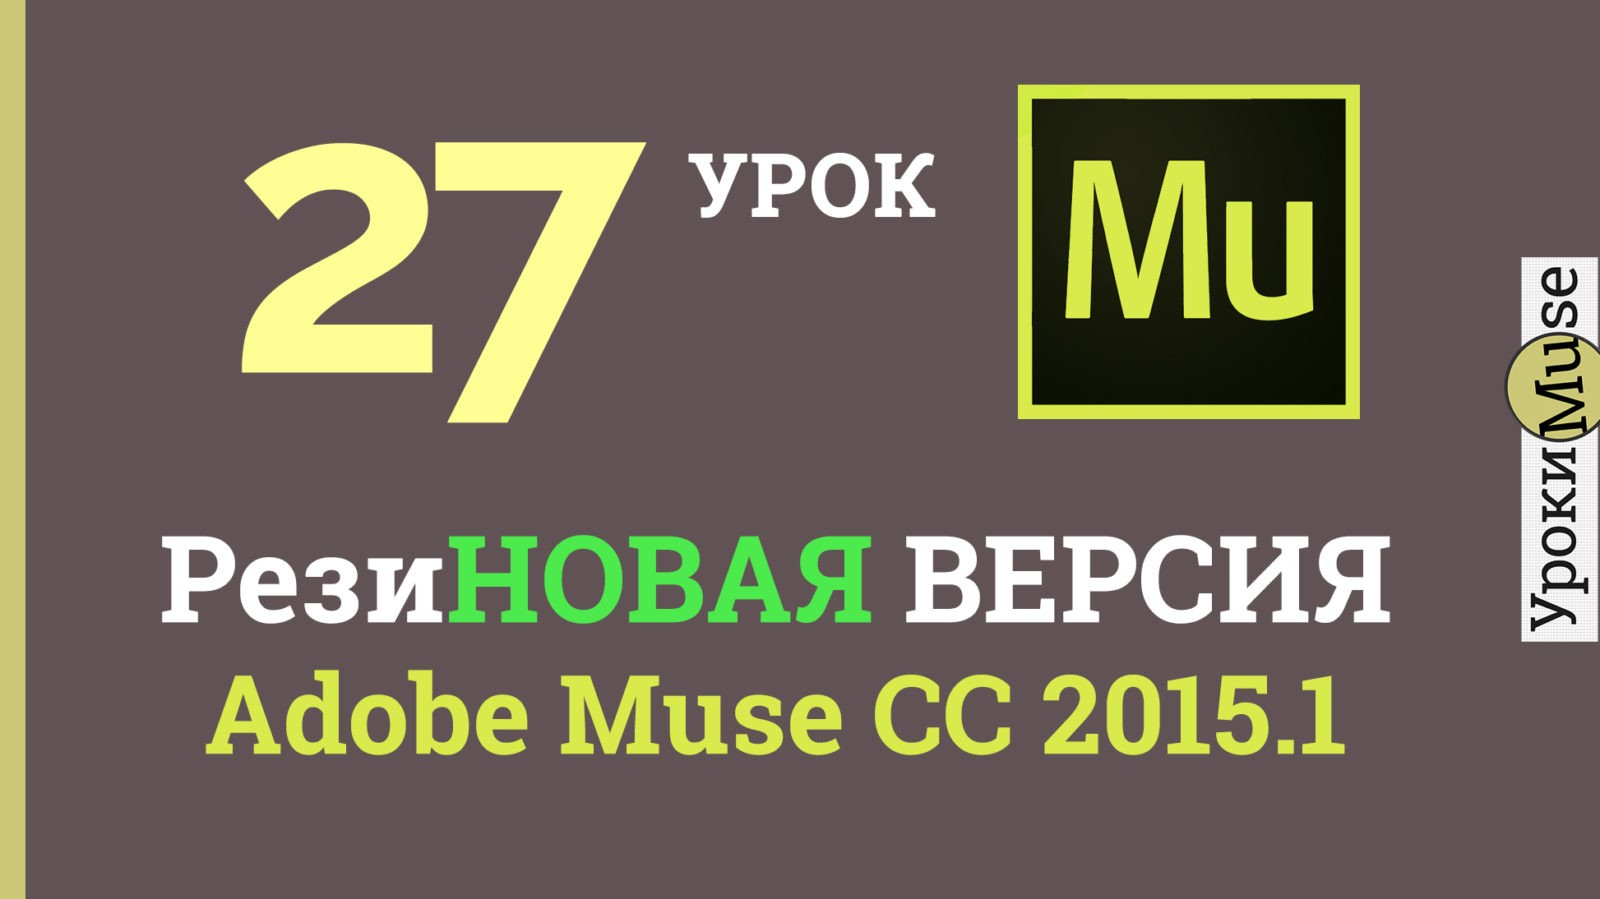 Резиновая версия Adobe Muse CC 2015.1